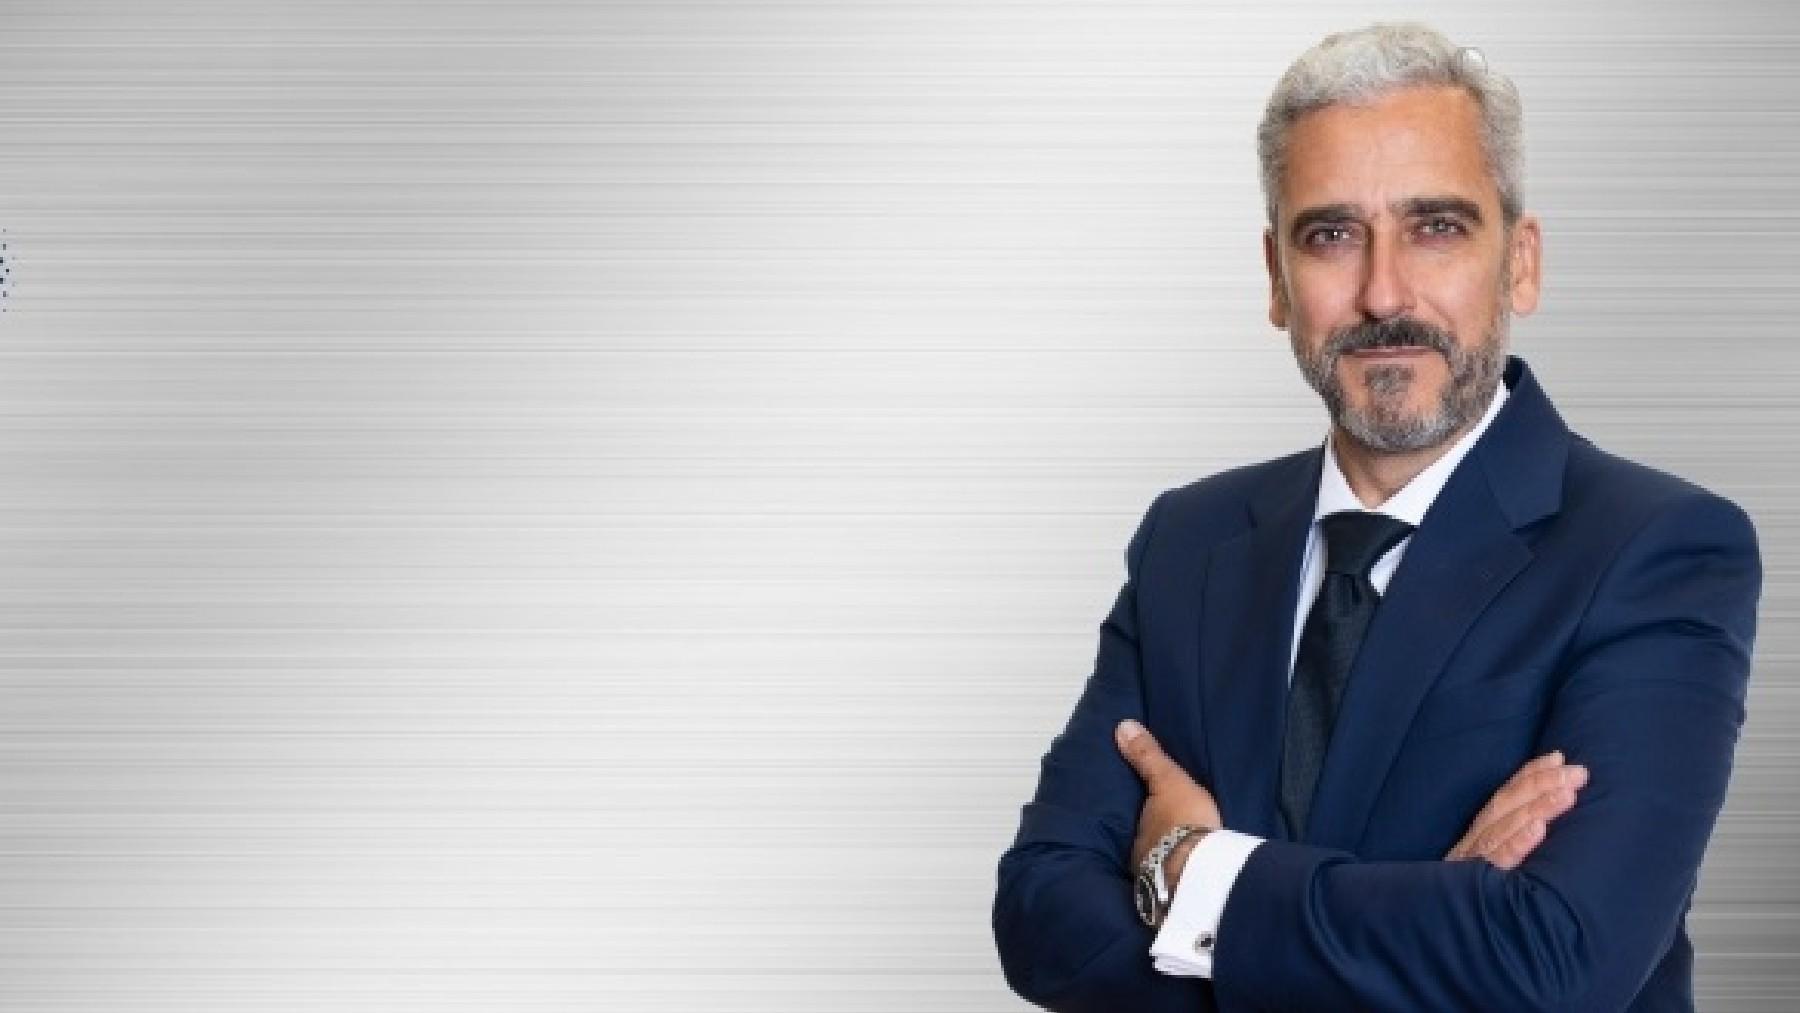 José Antonio León Capitán, director de Comunicación y Relaciones Institucionales de Stellantis Iberia